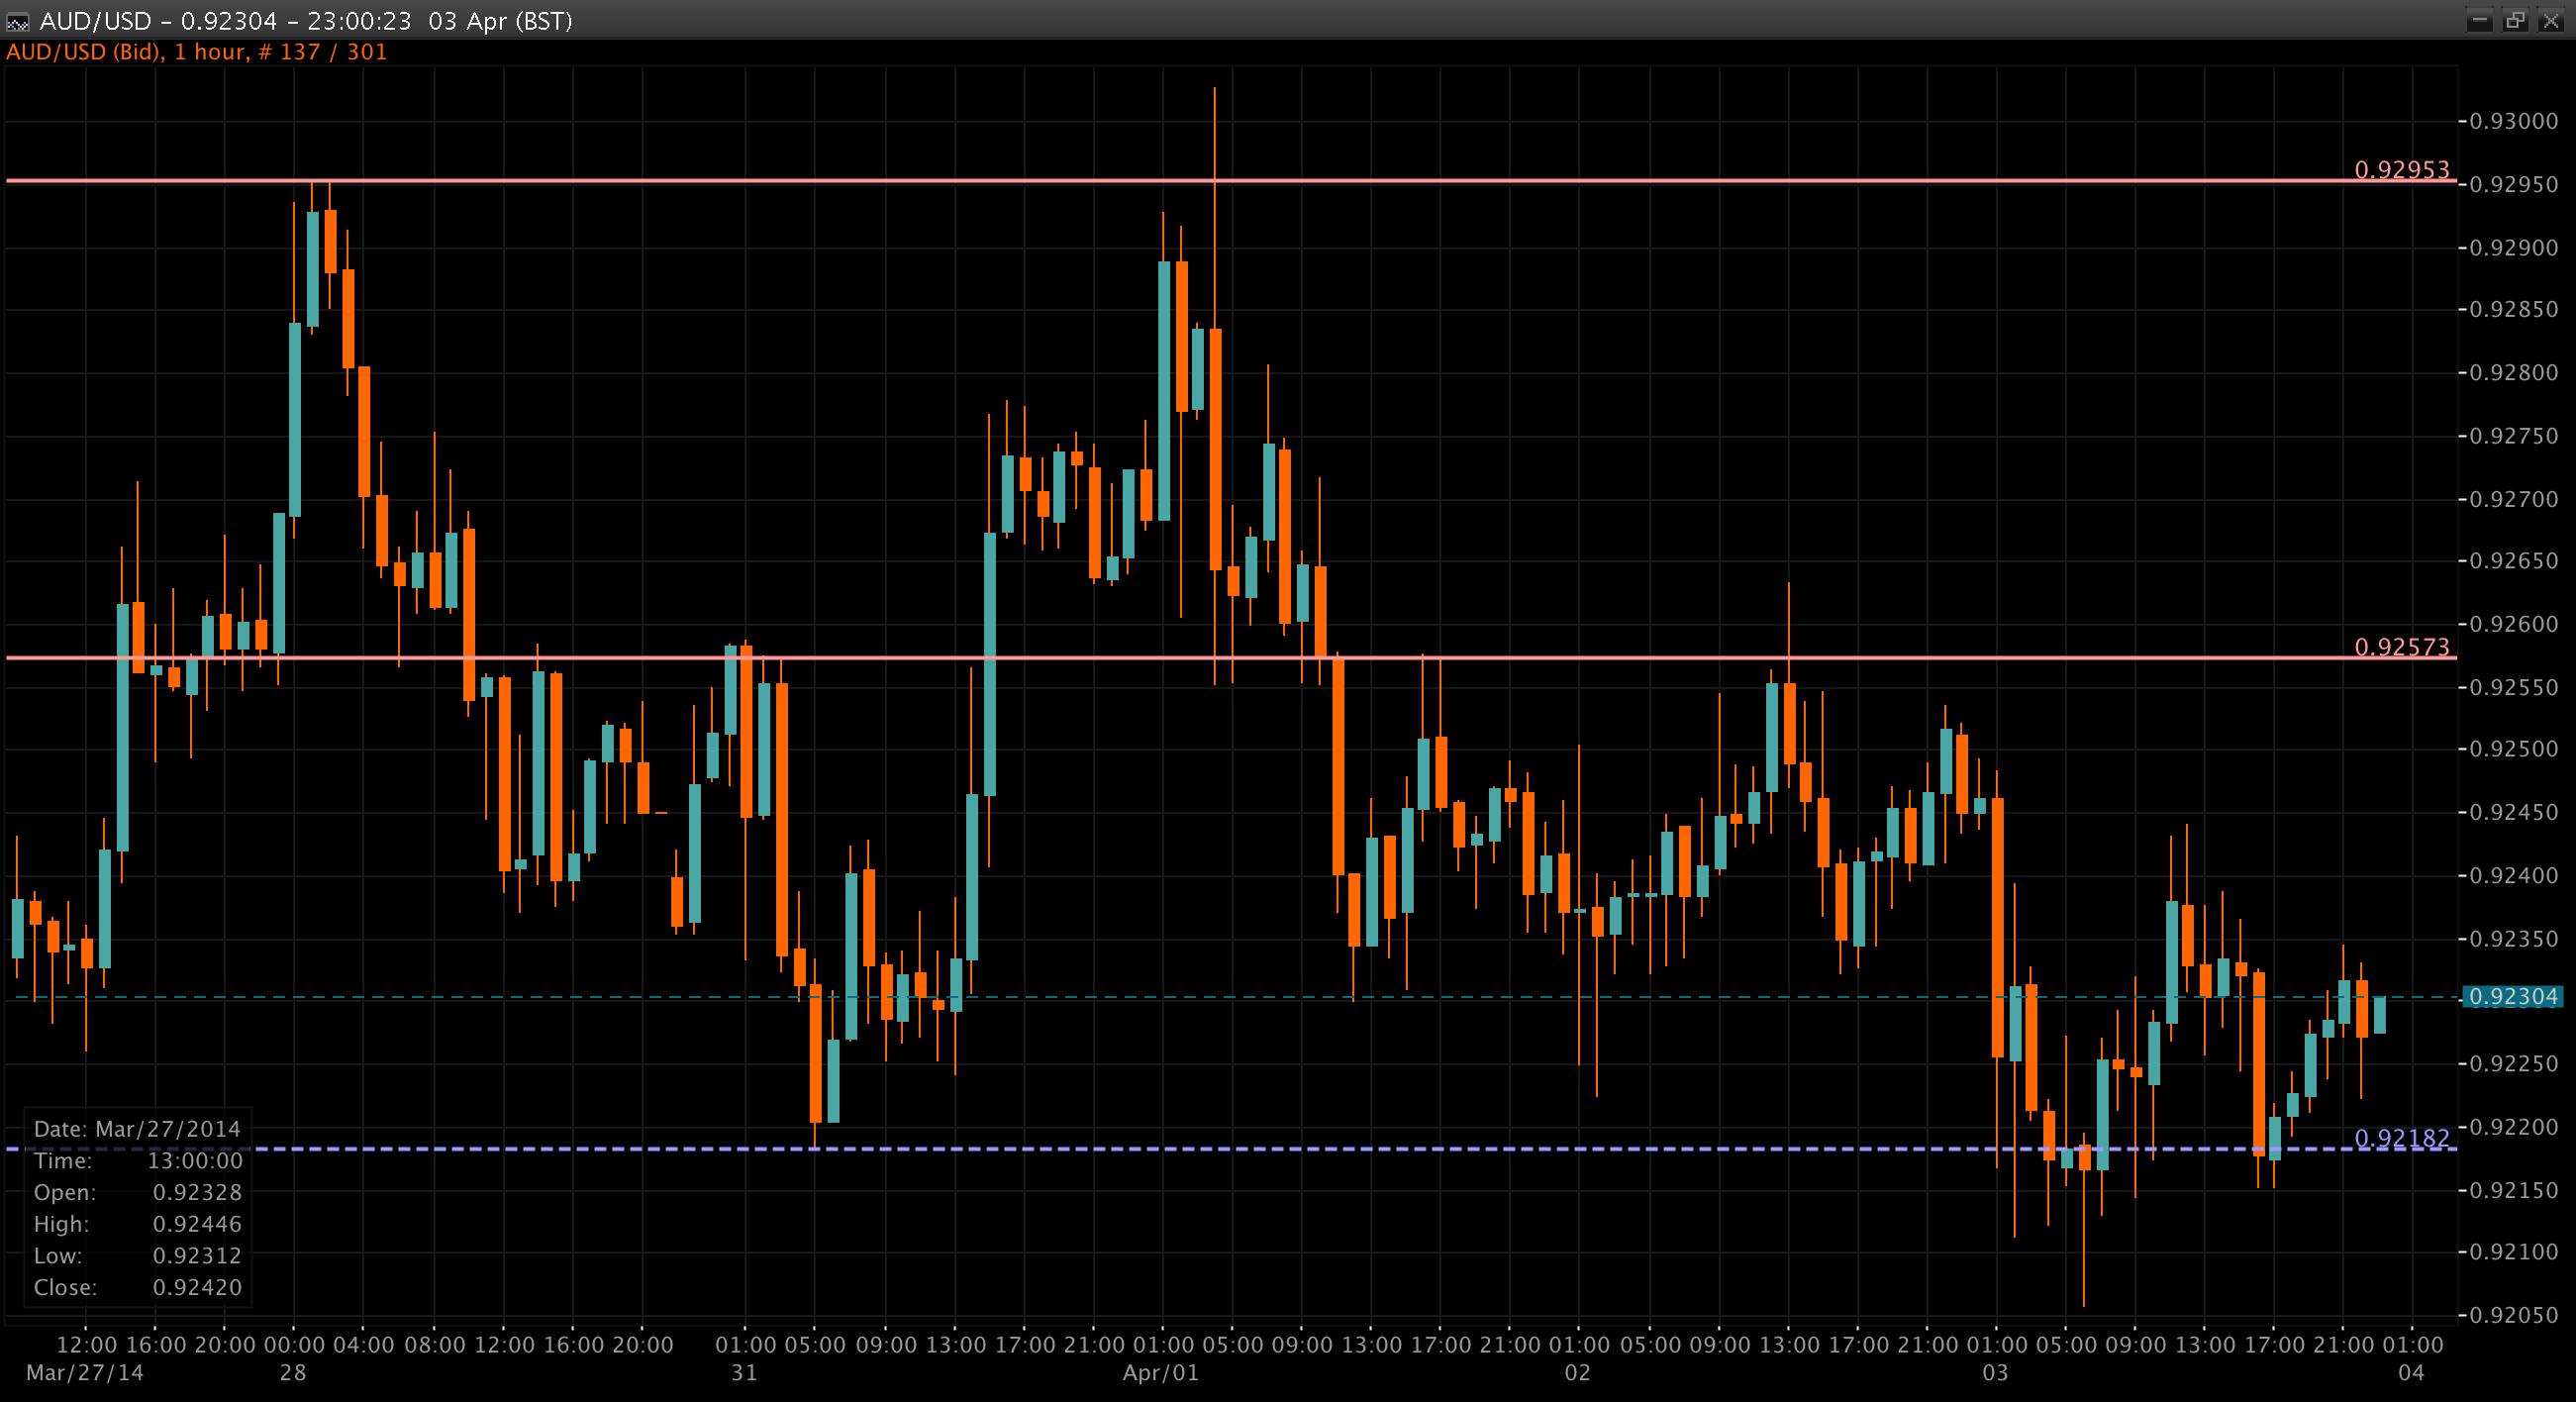 AUD/USD Chart 04 Apr 2014